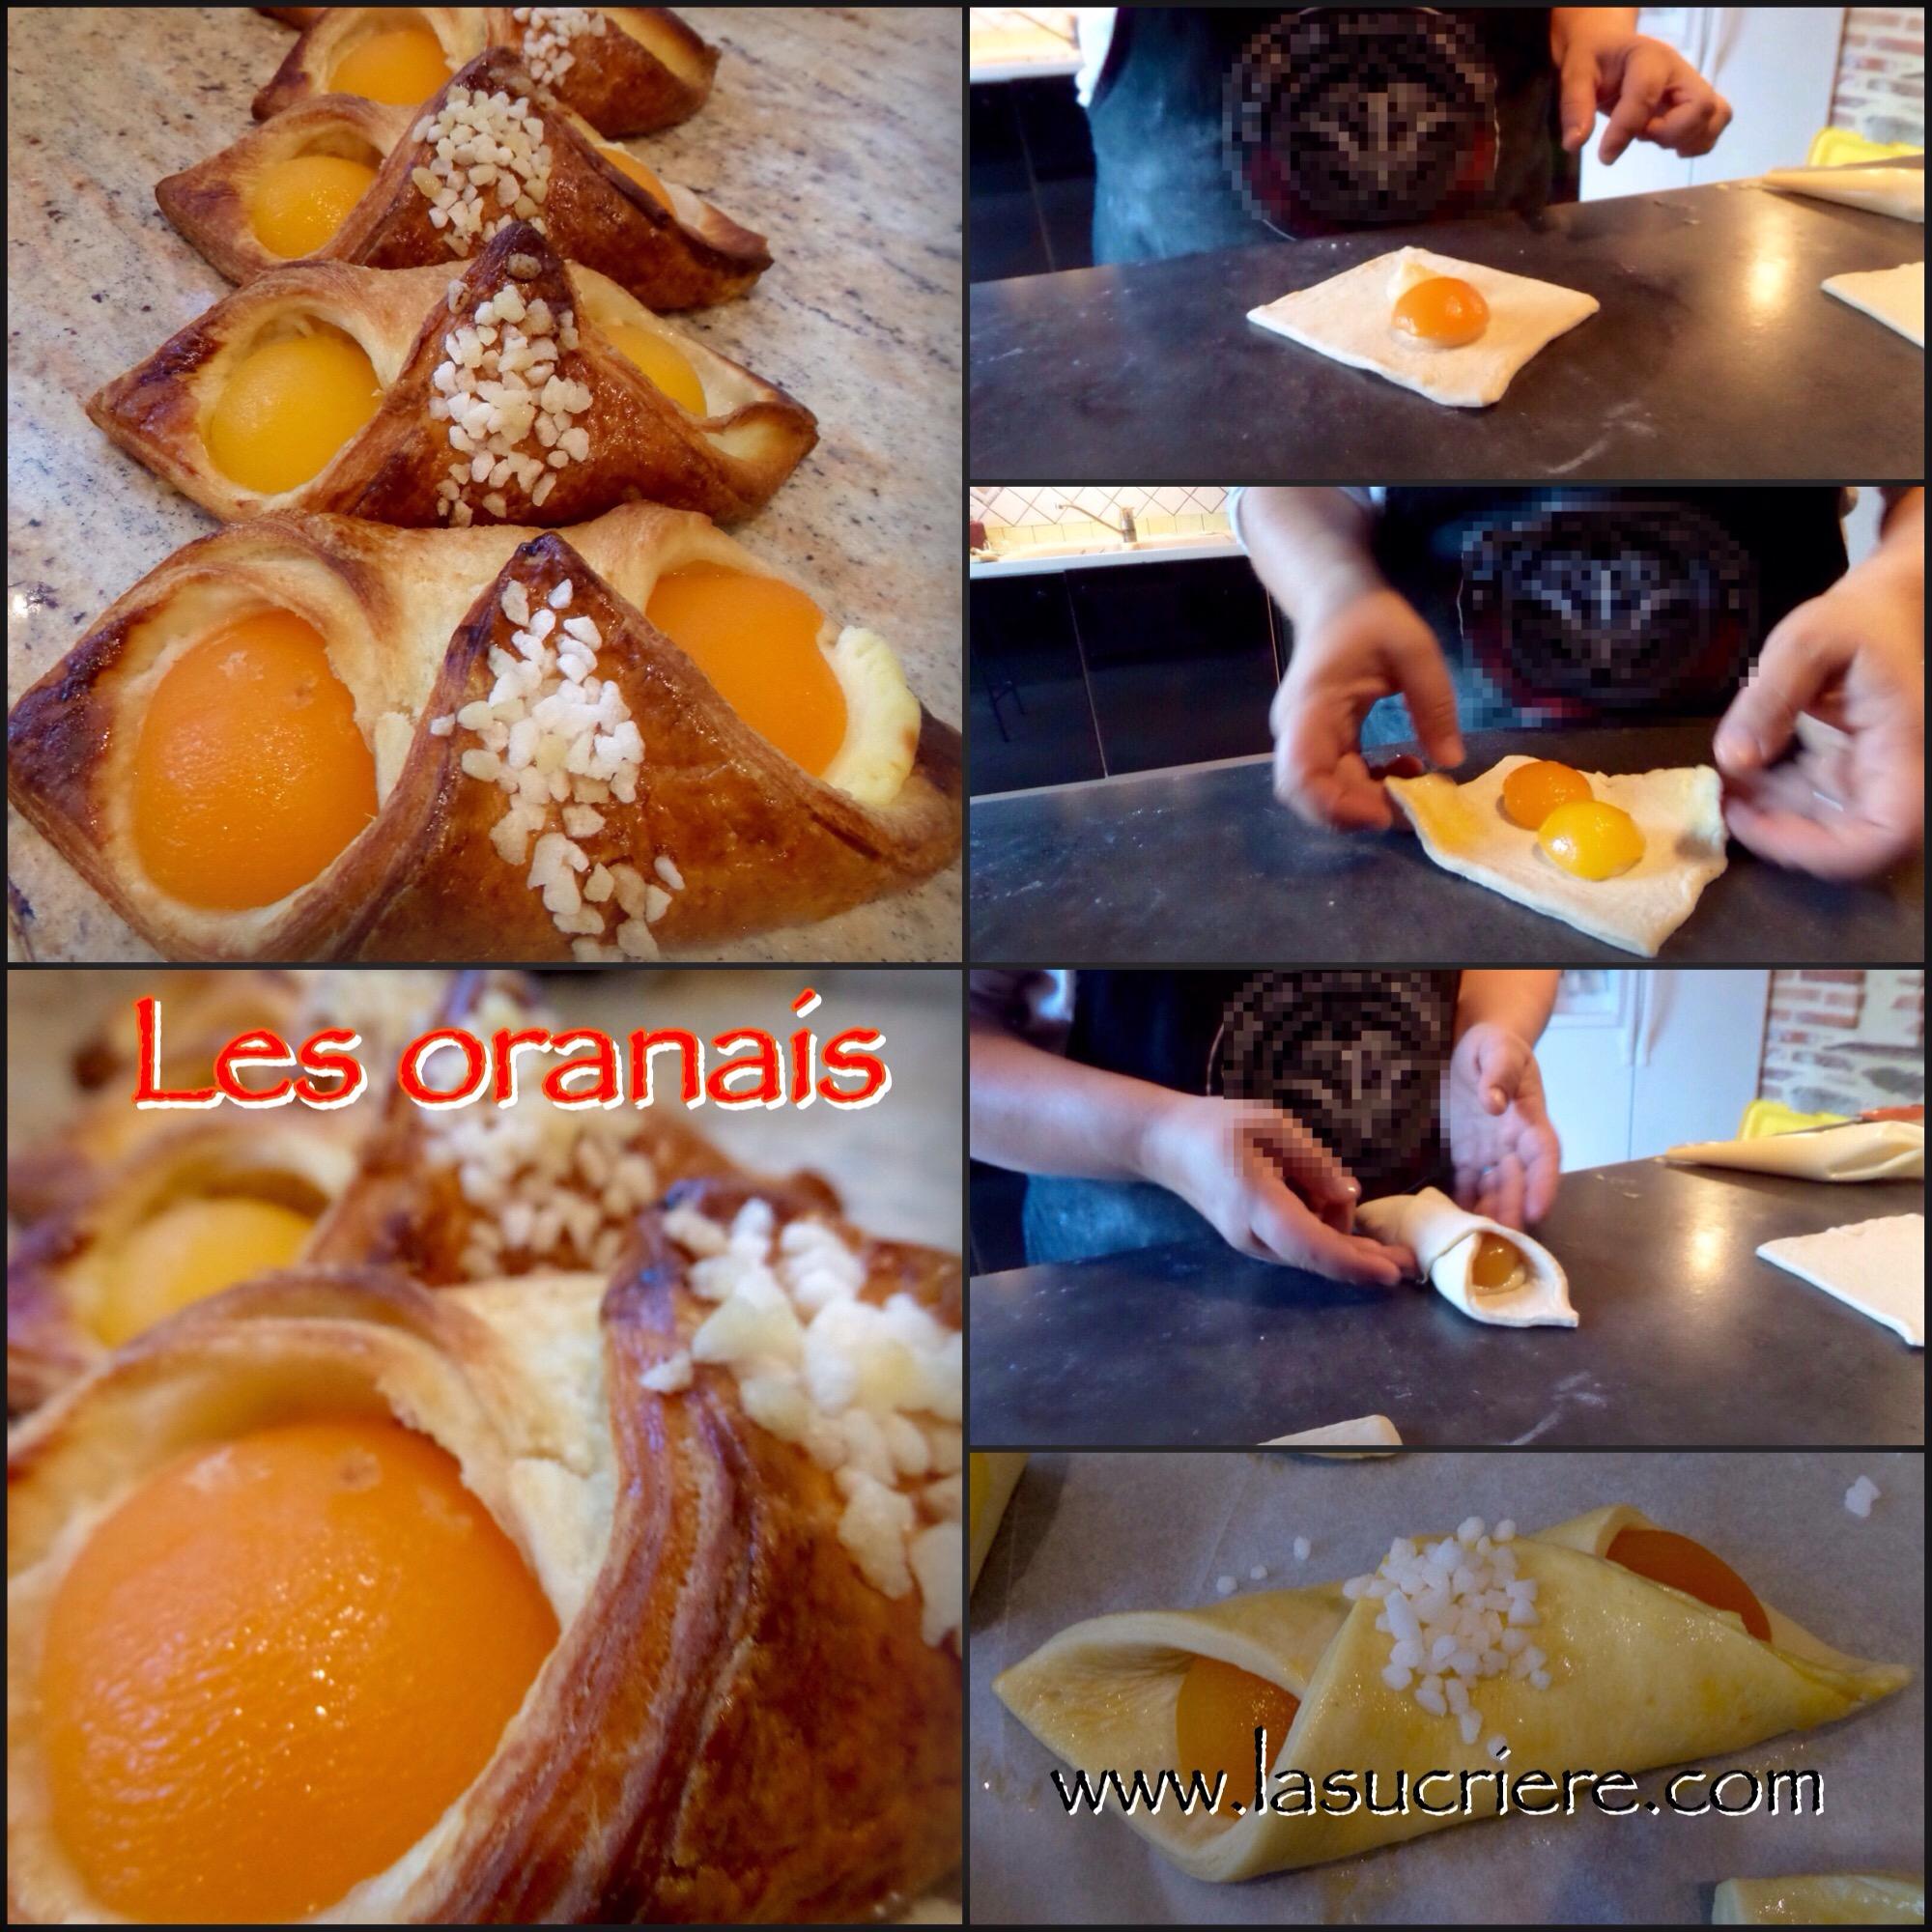 les oranais pâtisserie algérienne création du jour dans nos ateliers